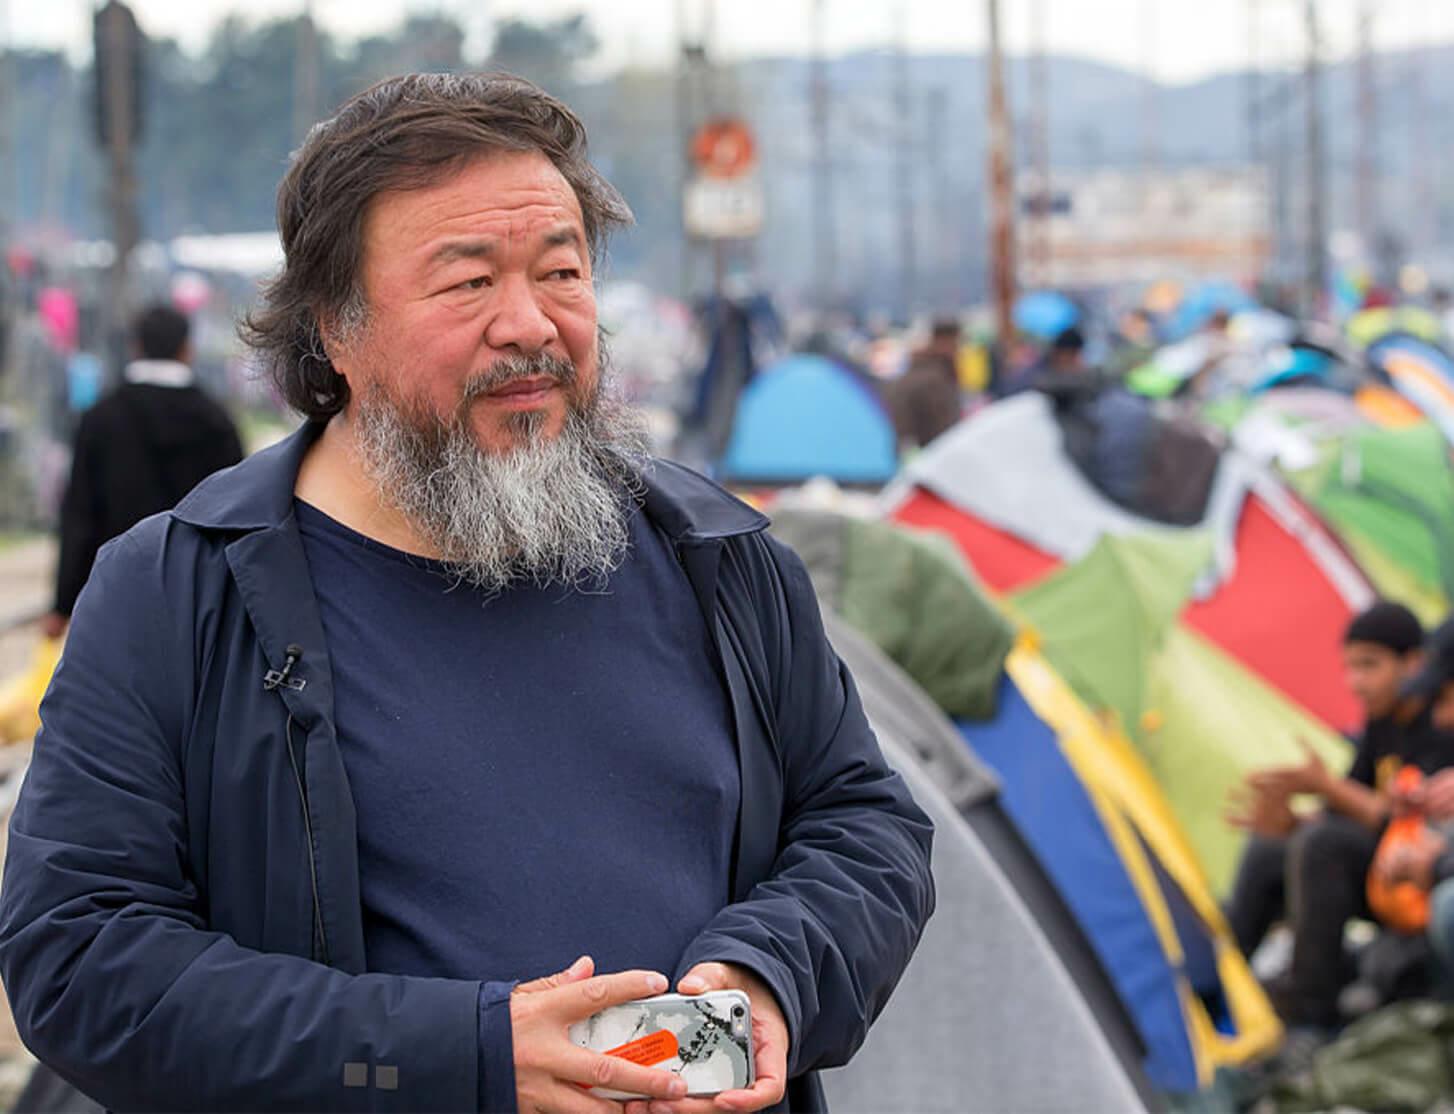 Watch now: Ai Weiwei 'Drifting' by Deutsche Welle TV